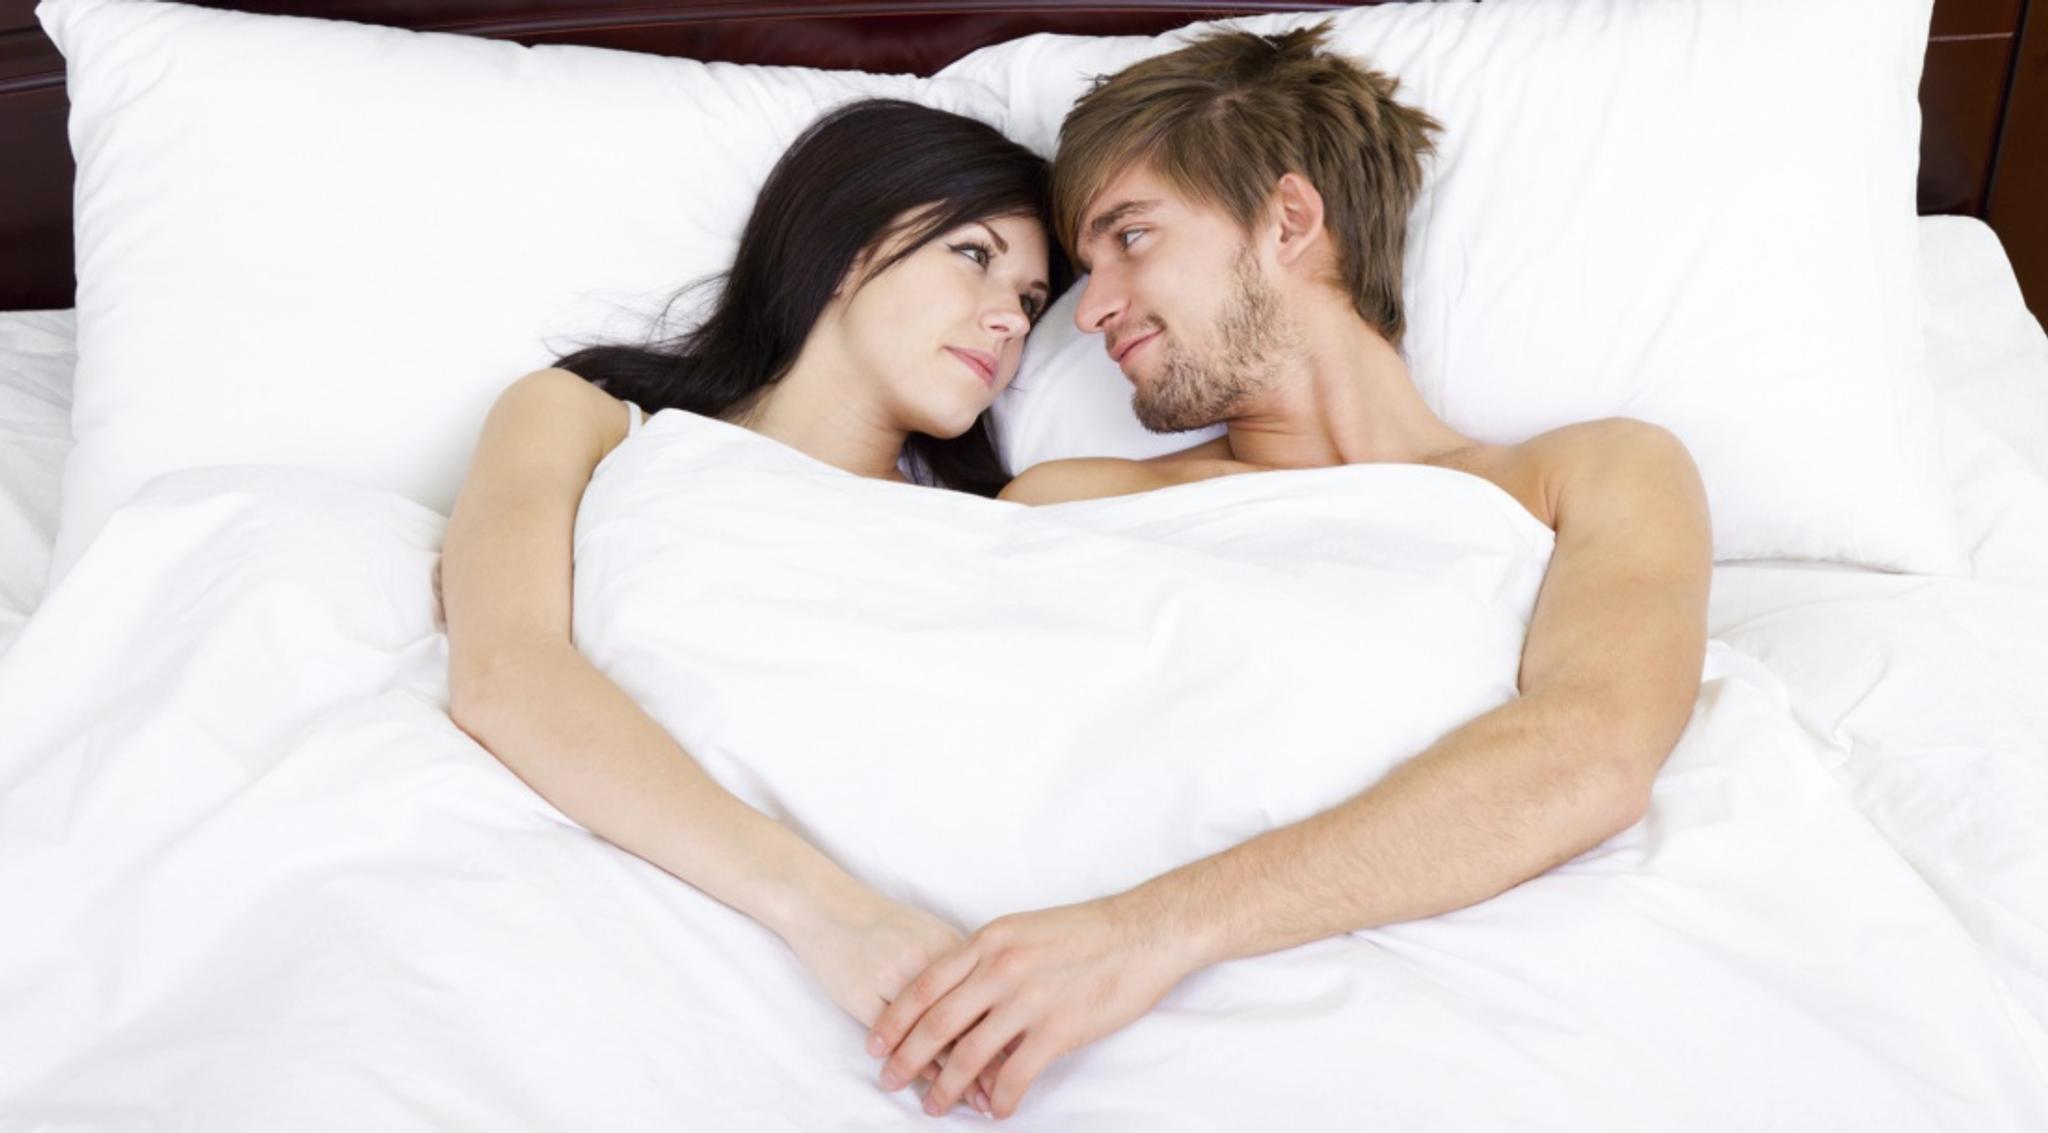 Kuinka kauan jälkeen hajoamiseen ennen dating uudelleen